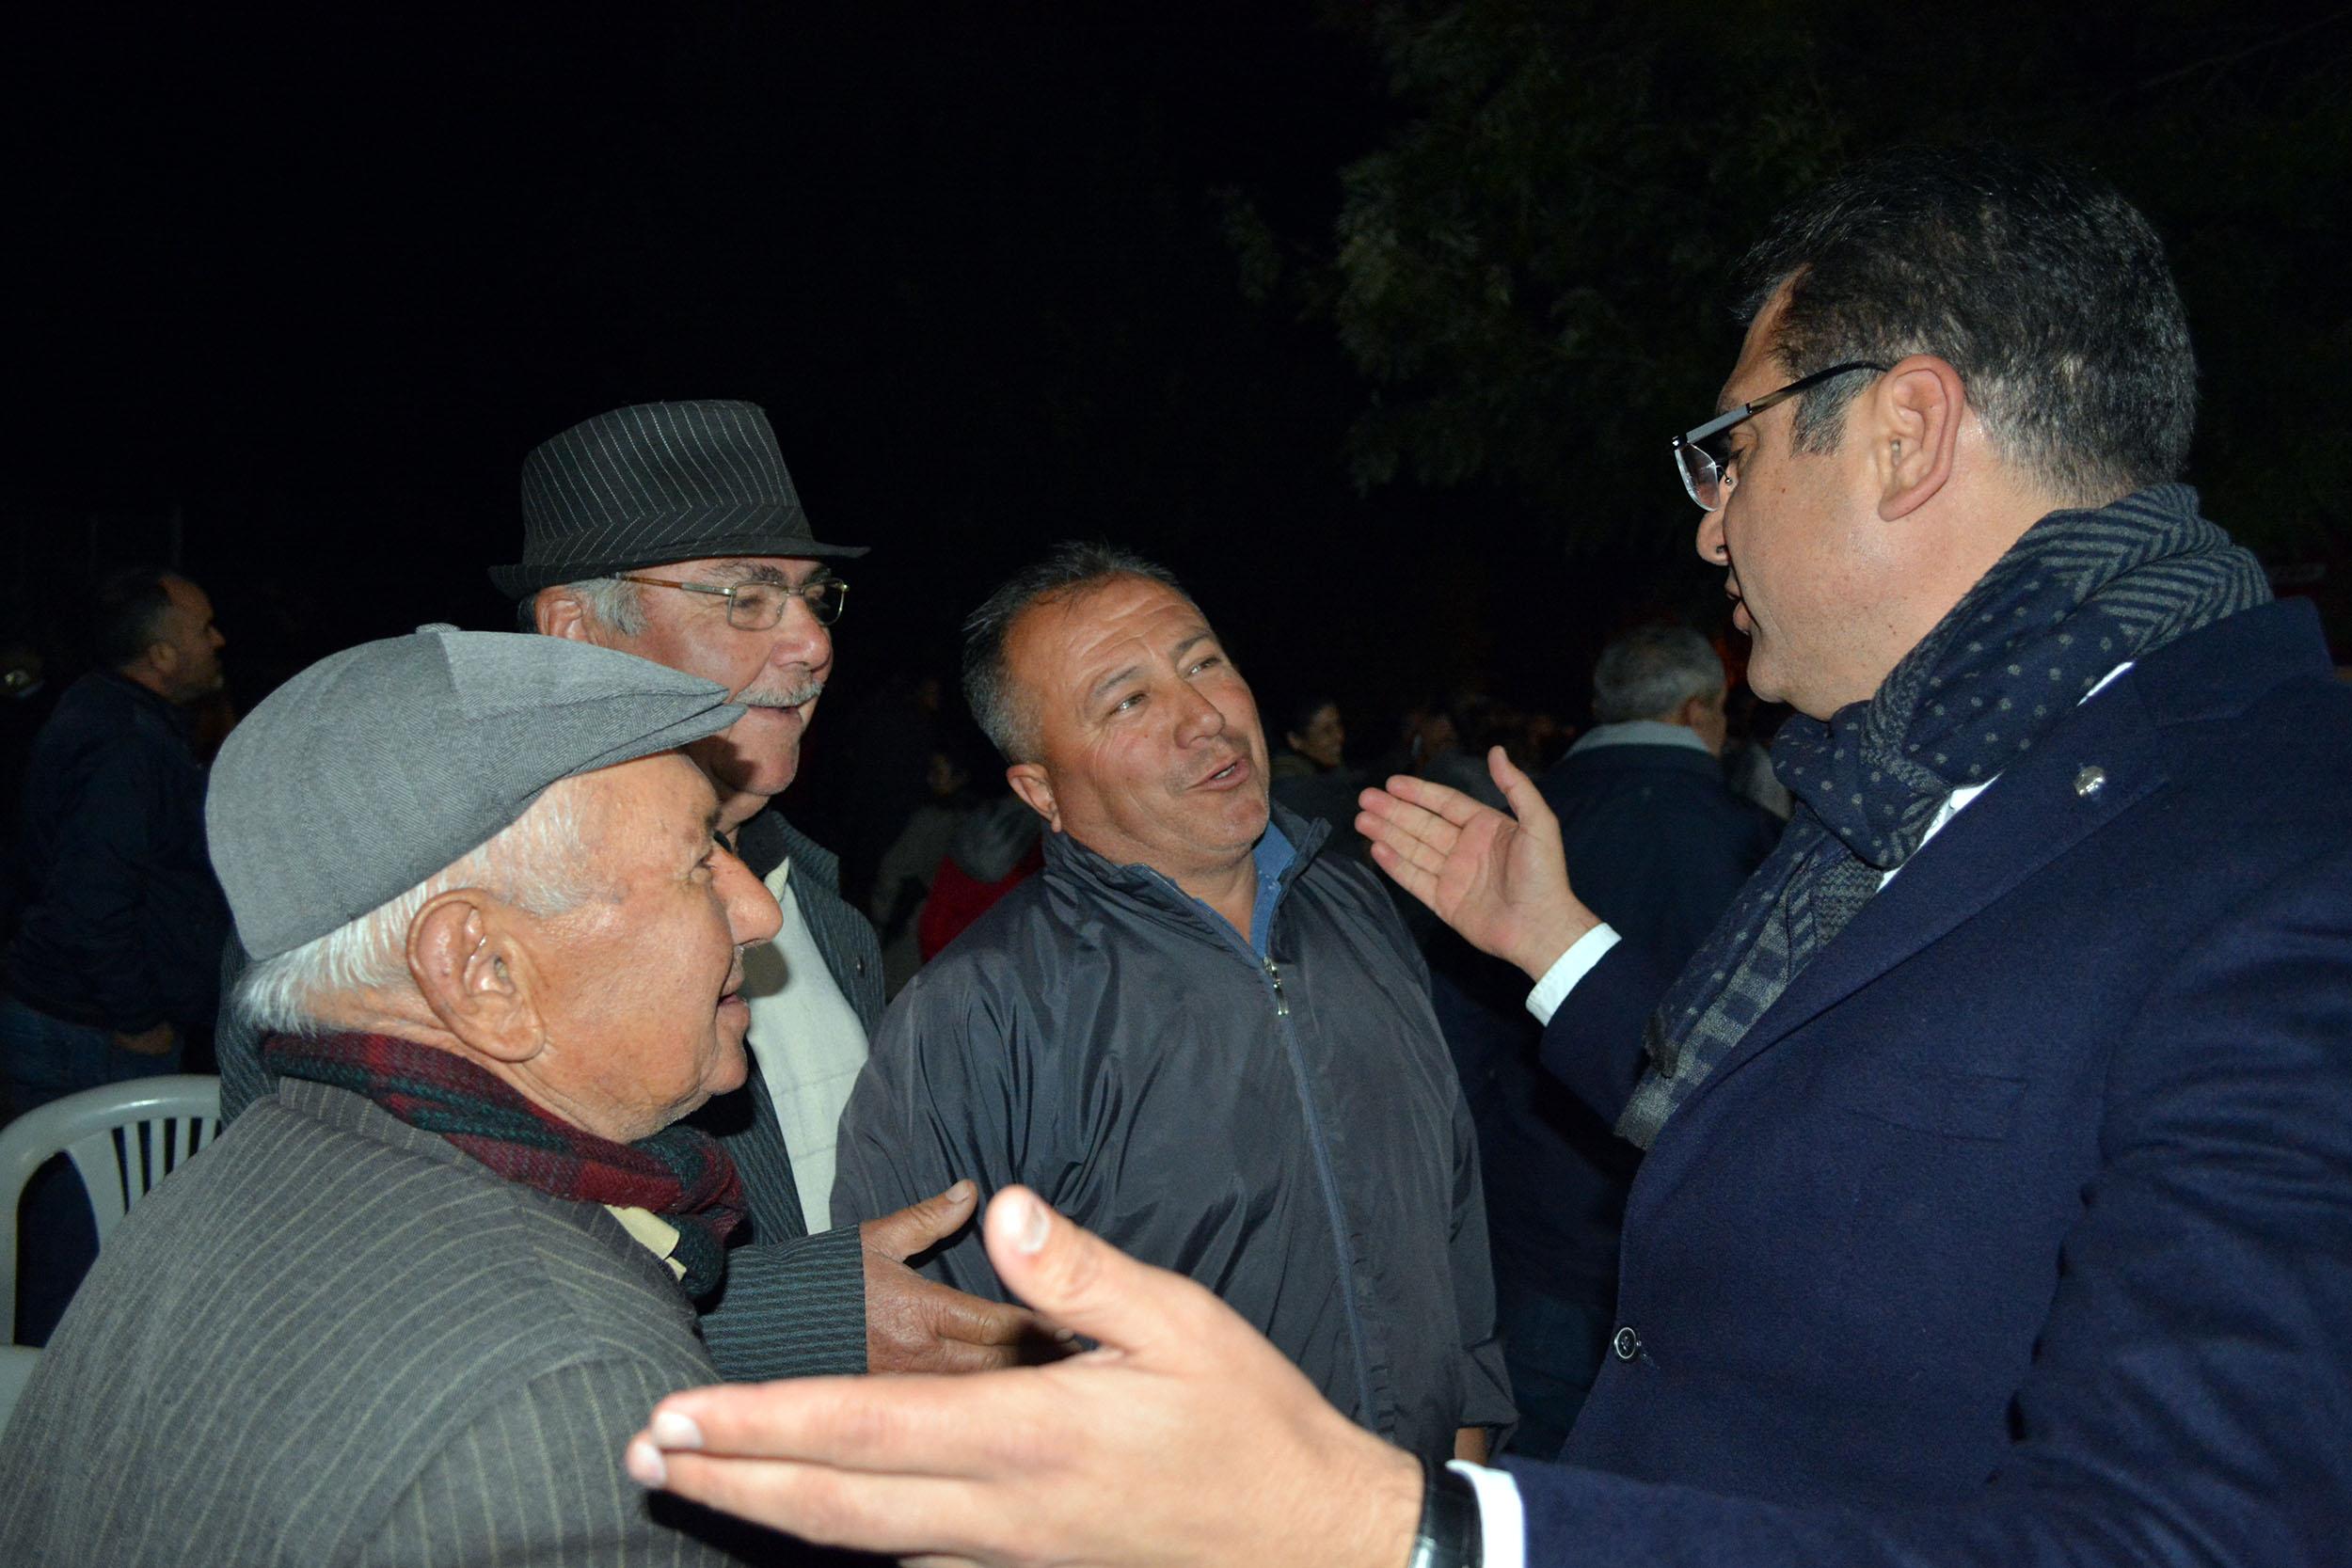 mehmet tosun MEHMET TOSUN'UN MAHALLE TOPLANTILARI MİTİNG HAVASINDA DEVAM EDİYOR     FTL  K MAHALLE TOPLANTISI 8